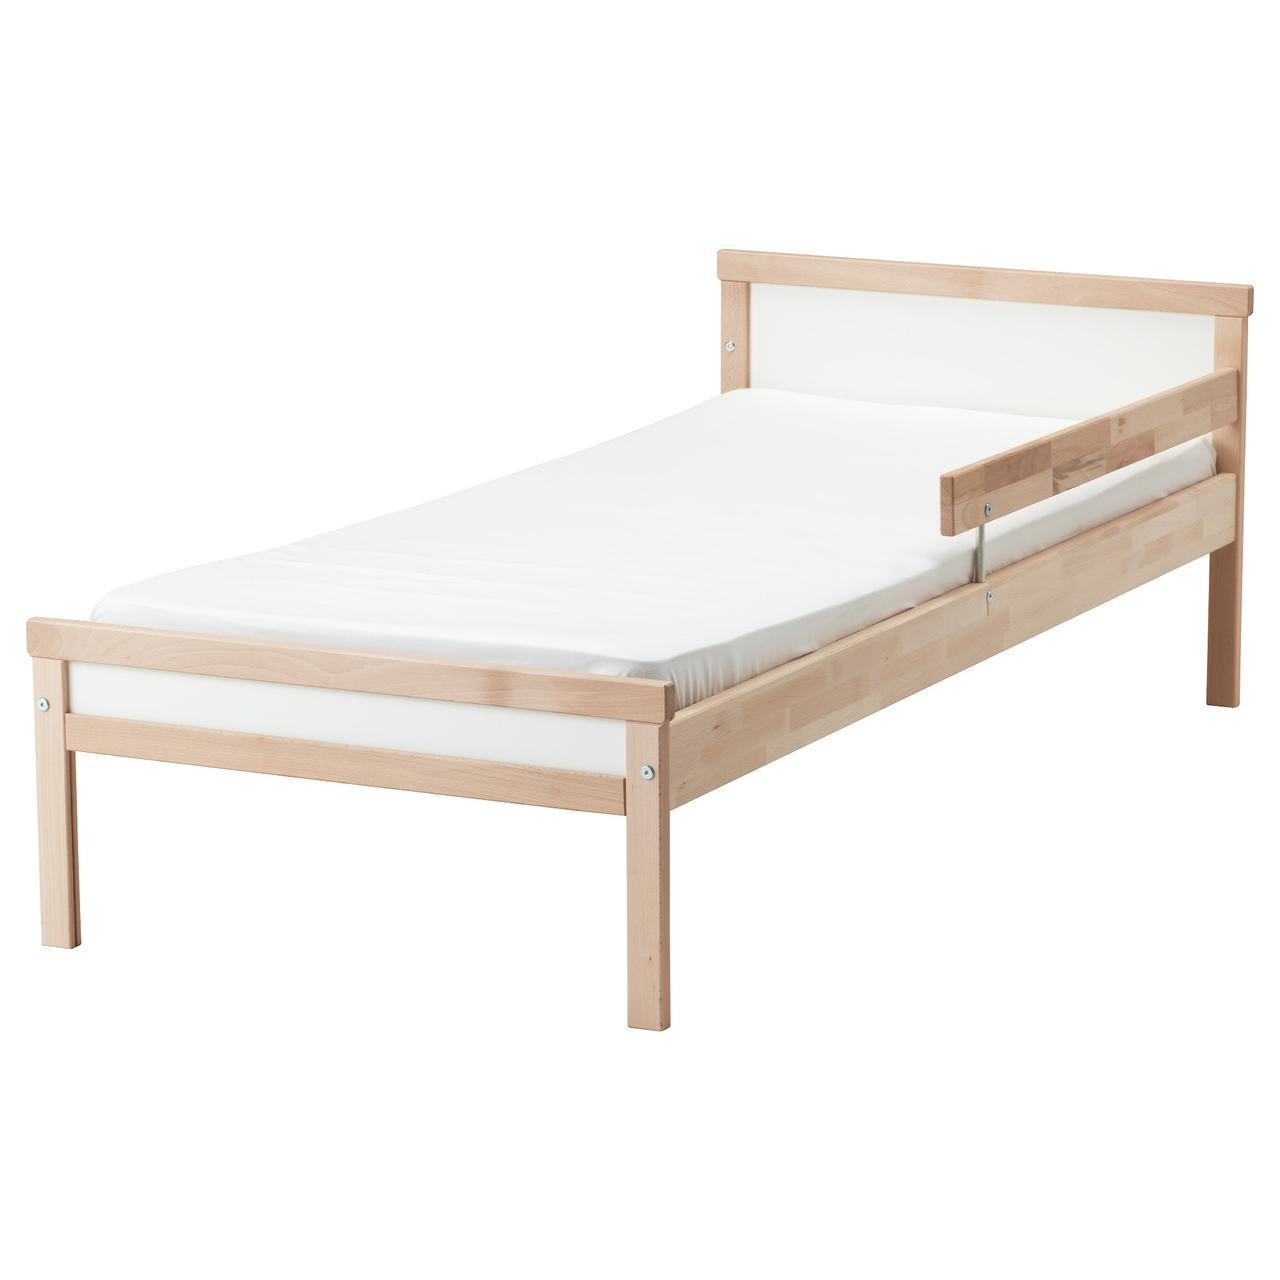 IKEA SNIGLAR (191.854.33) Детская кровать